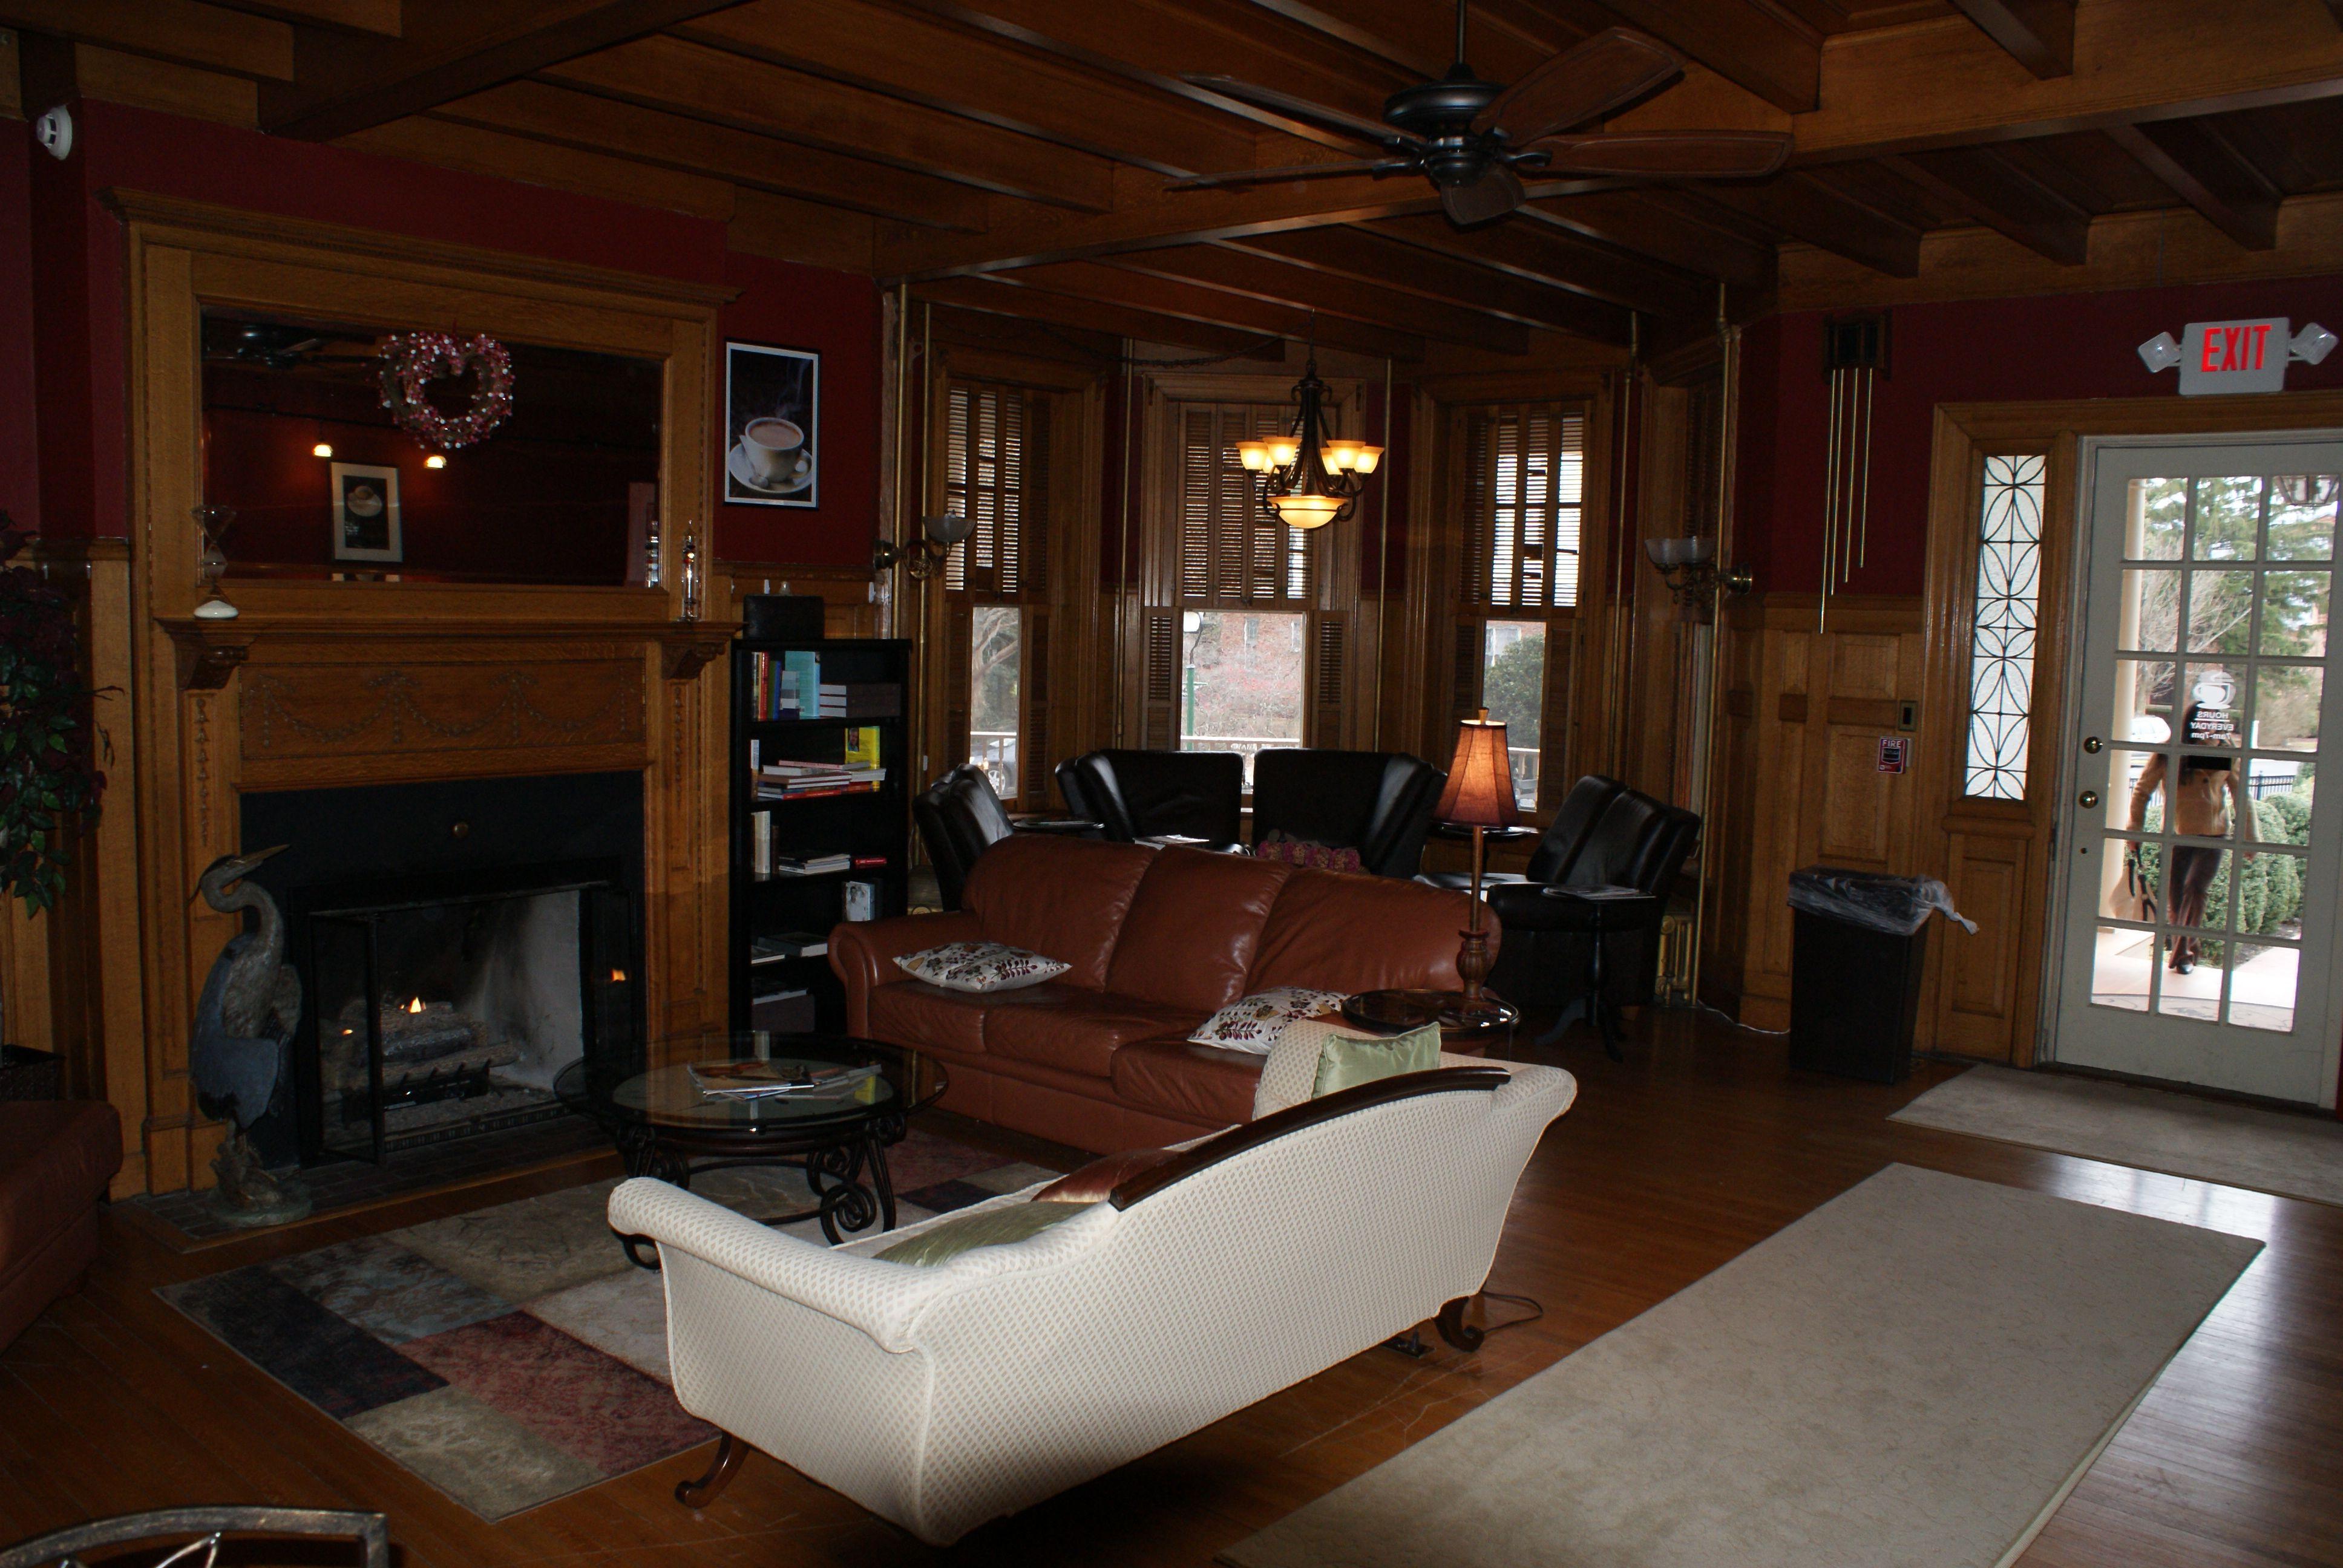 The Lounge Governor S Cafe Dover De Coffee Shop Home Decor Home